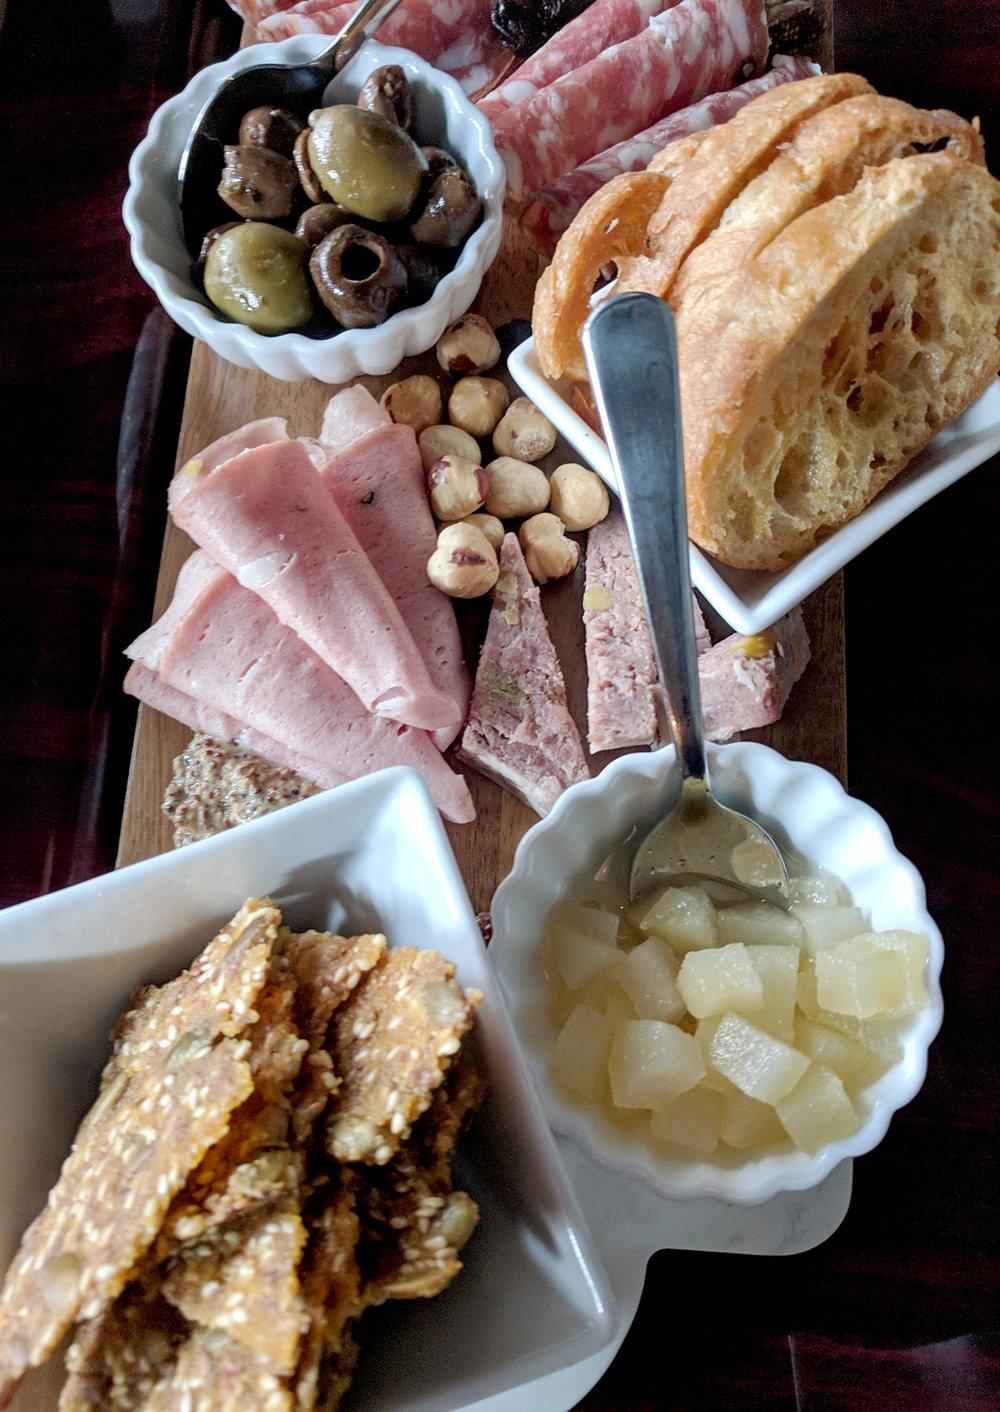 Fullerton-Wines-meat-plate.jpg